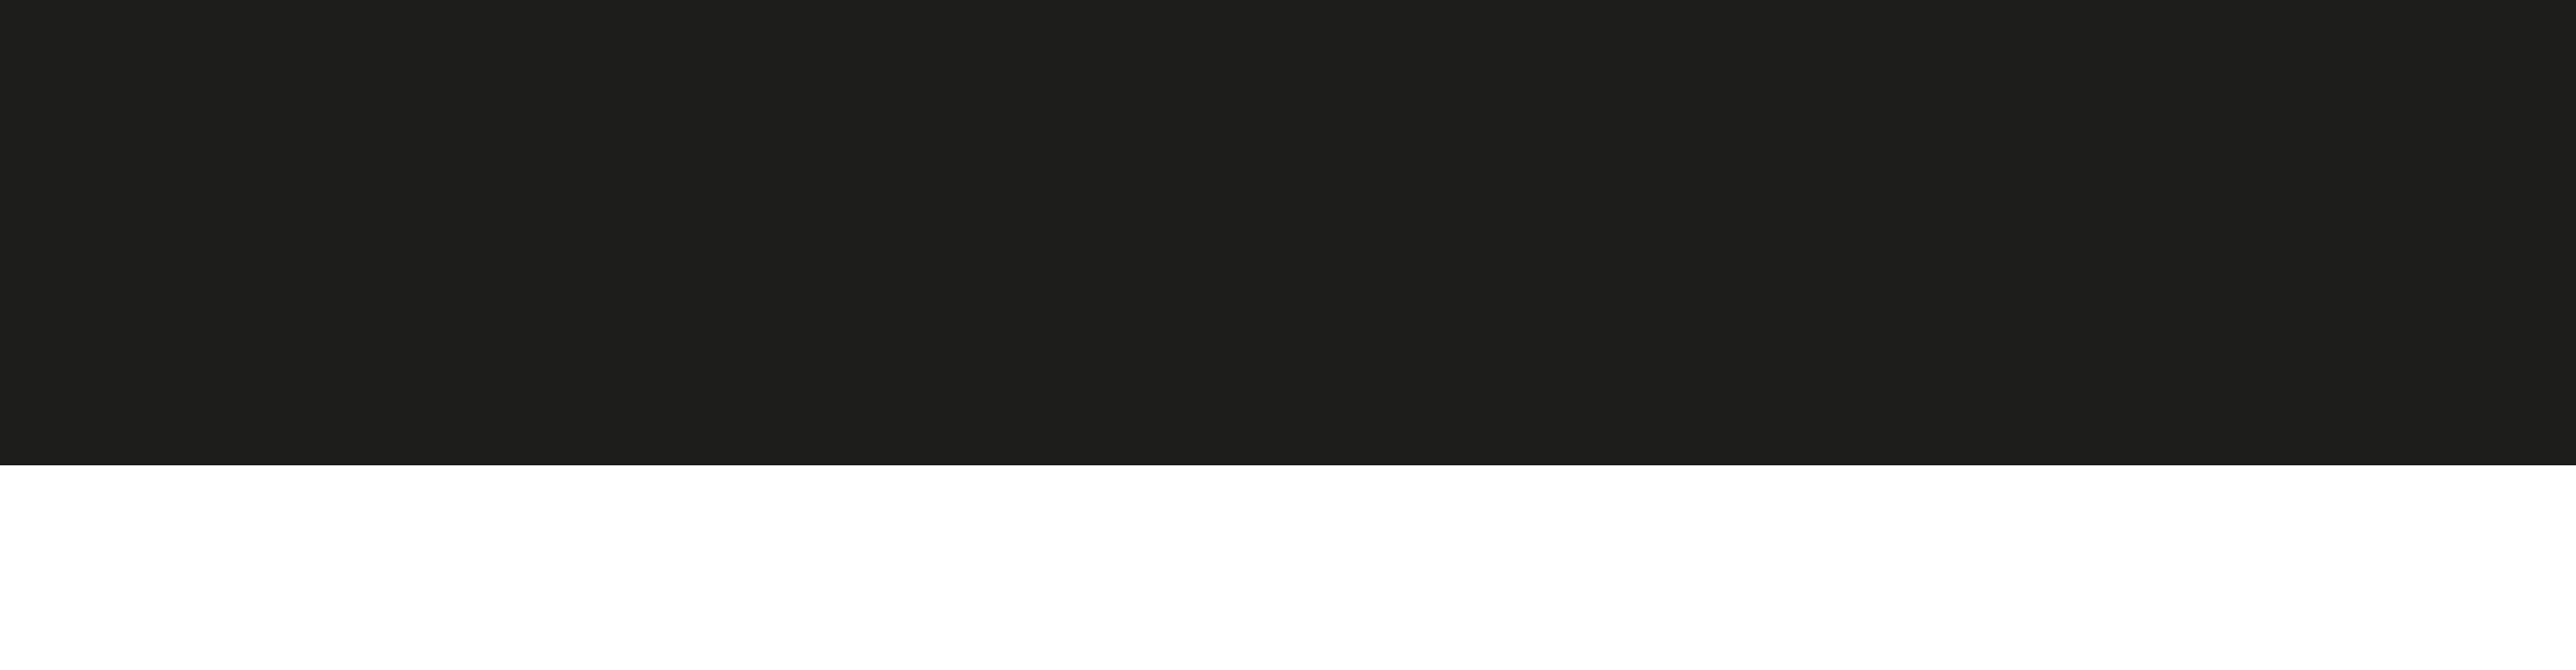 fondo-gris_trans01-1